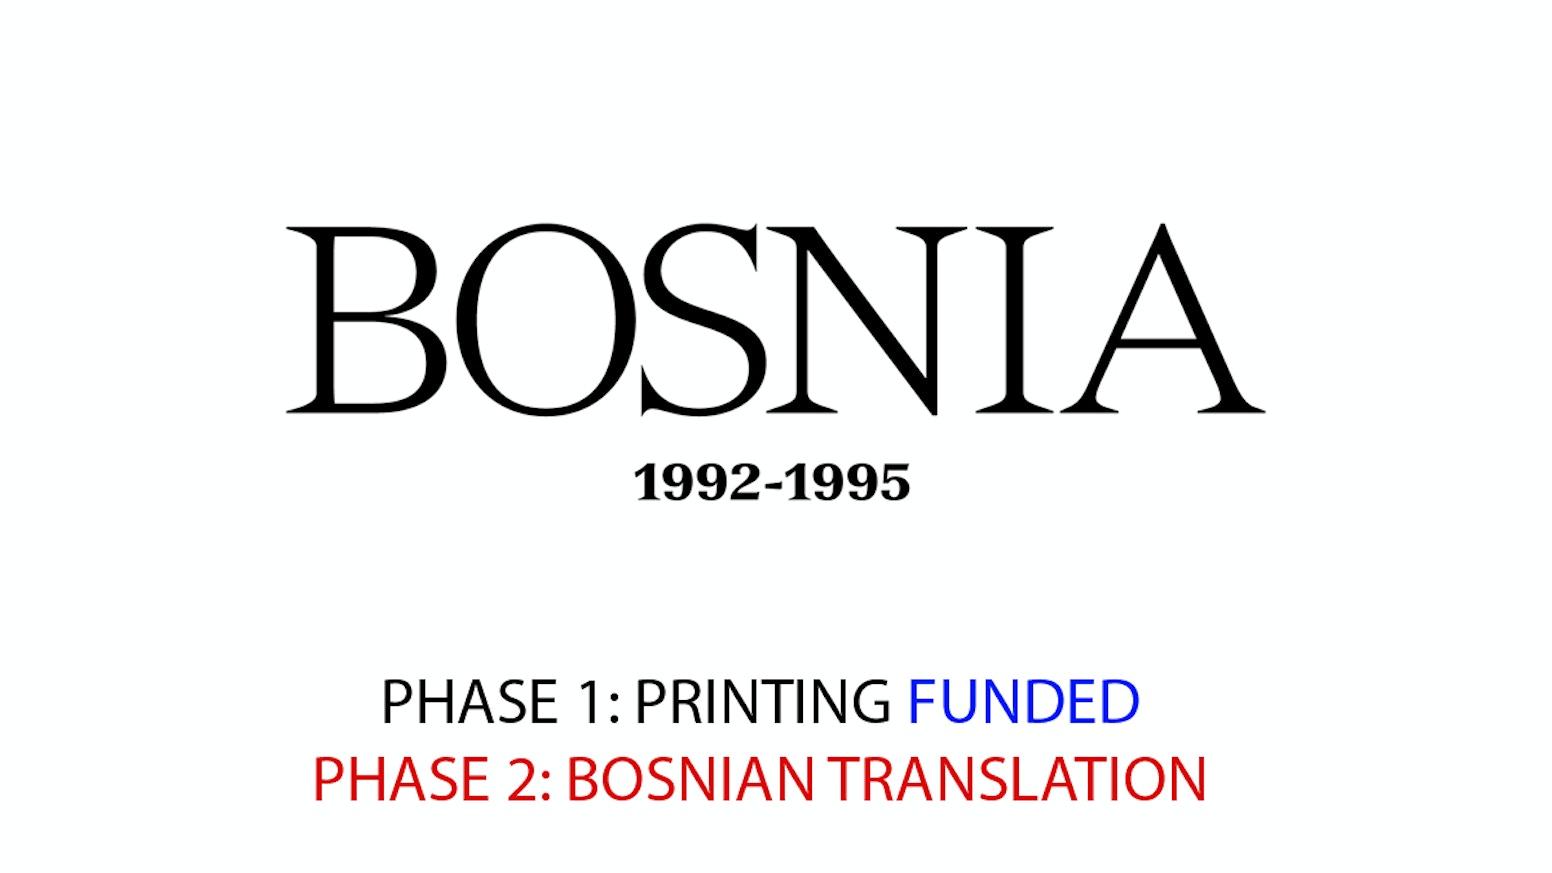 The Bosnia Book Project. Bosnia 1992 - 95